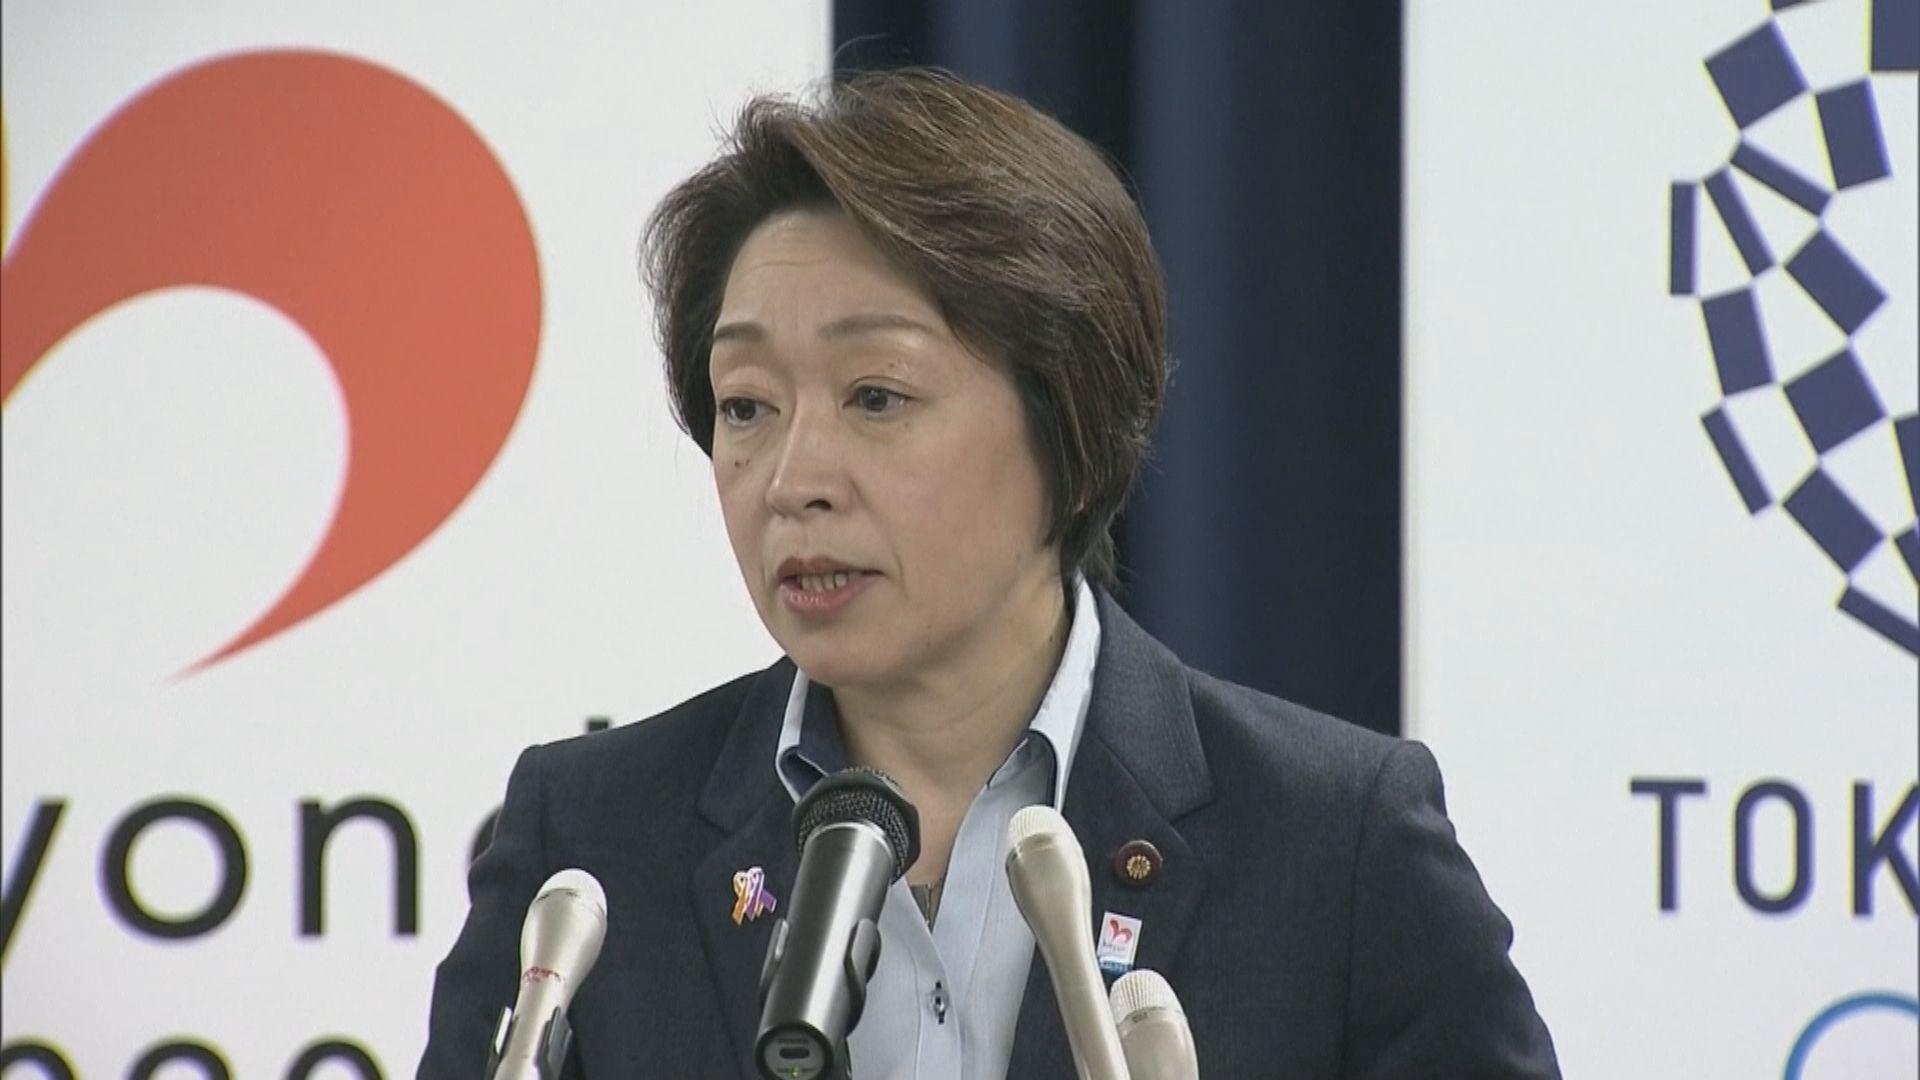 歐洲多場球賽取消 日本堅持如期舉行東京奧運